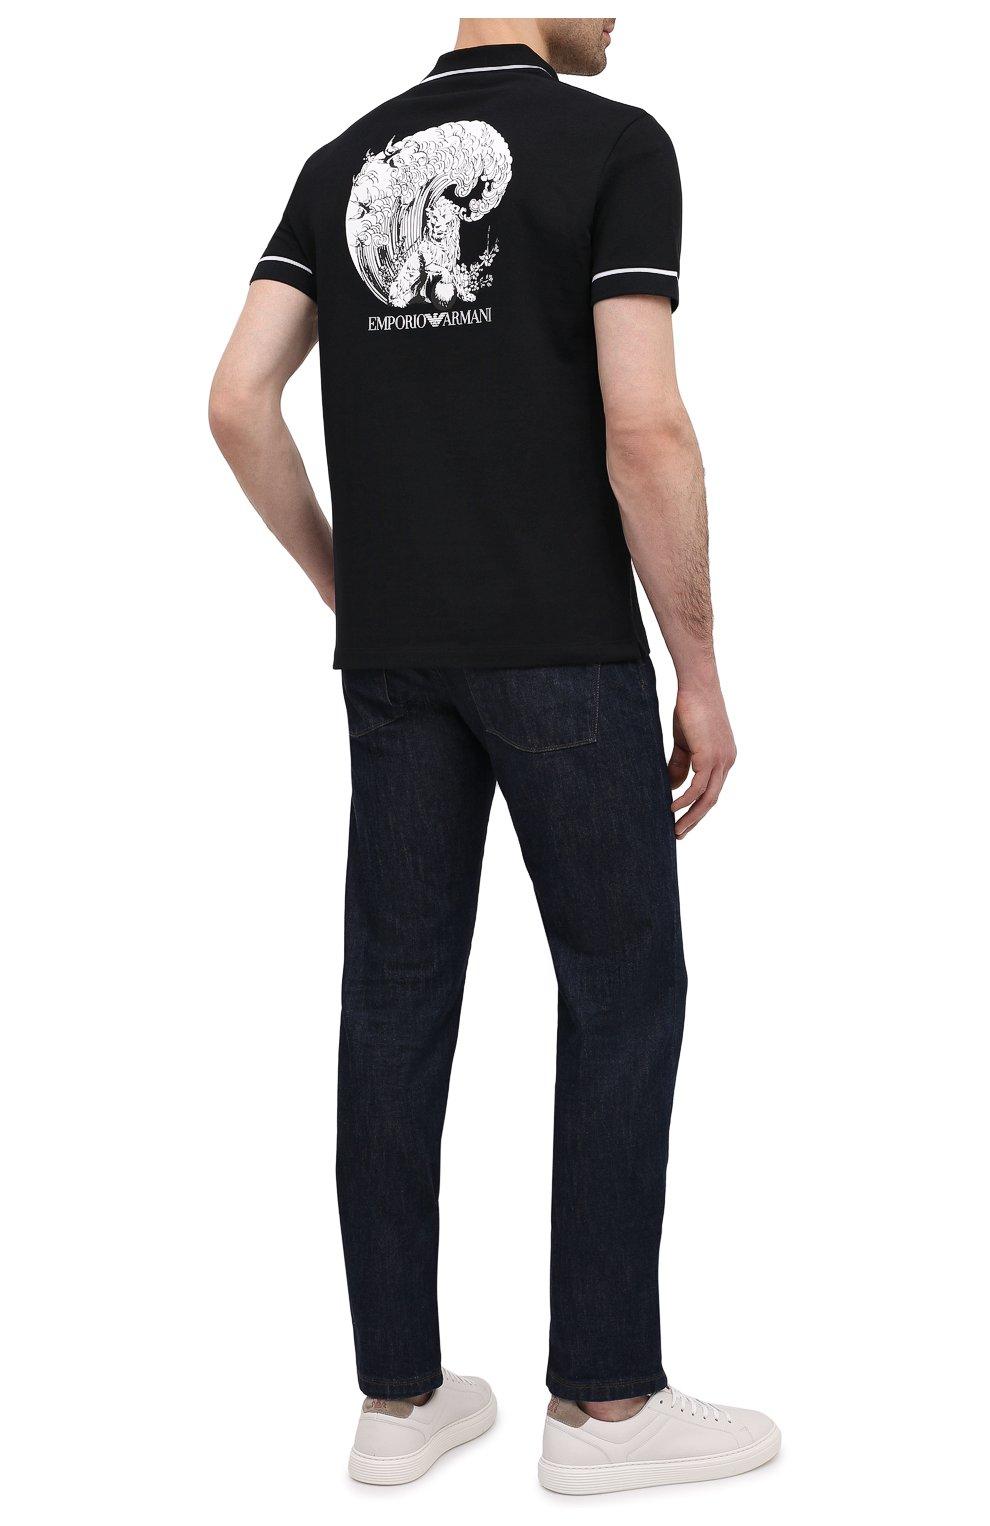 Мужское хлопковое поло EMPORIO ARMANI черного цвета, арт. 3K1F8P/1JM2Z | Фото 2 (Застежка: Пуговицы; Рукава: Короткие; Длина (для топов): Стандартные; Материал внешний: Хлопок; Стили: Кэжуэл)